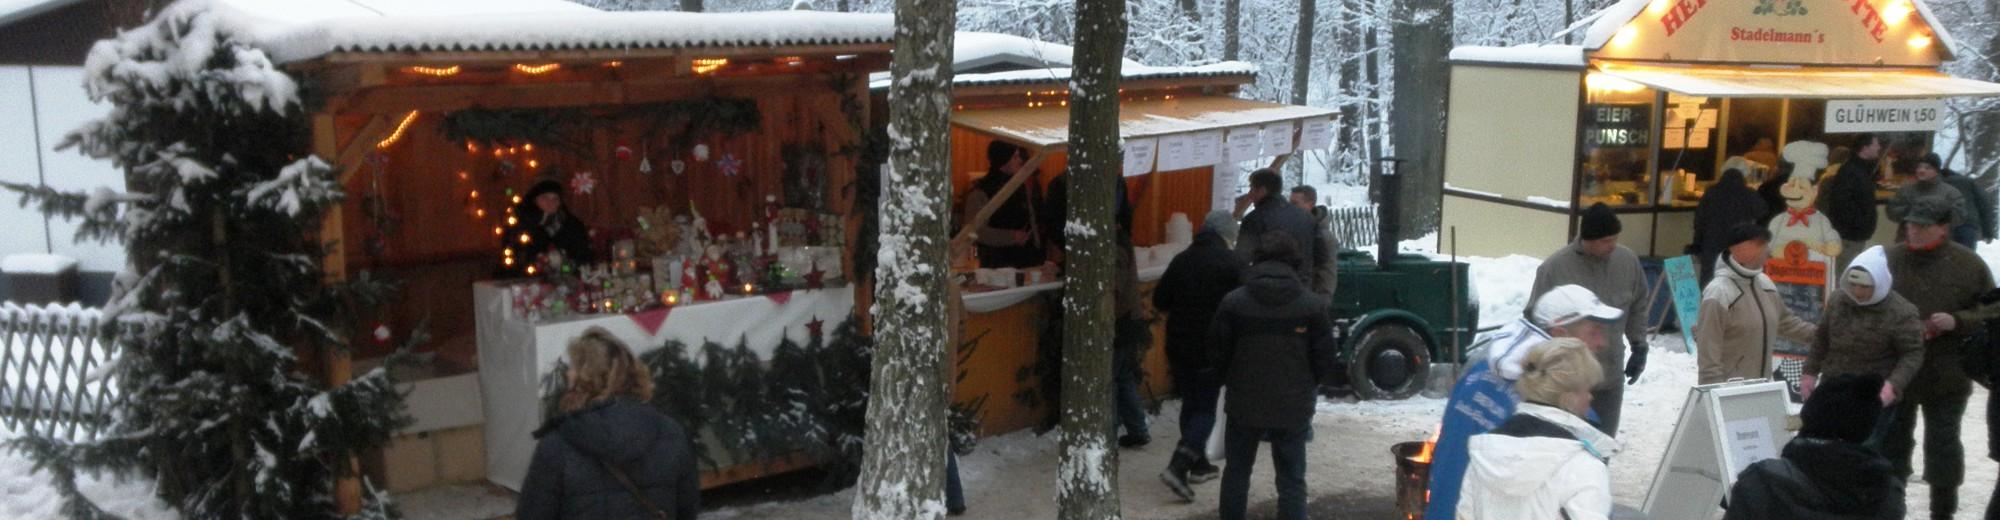 Möllensdorfer Wald-Weihnachtsmarkt